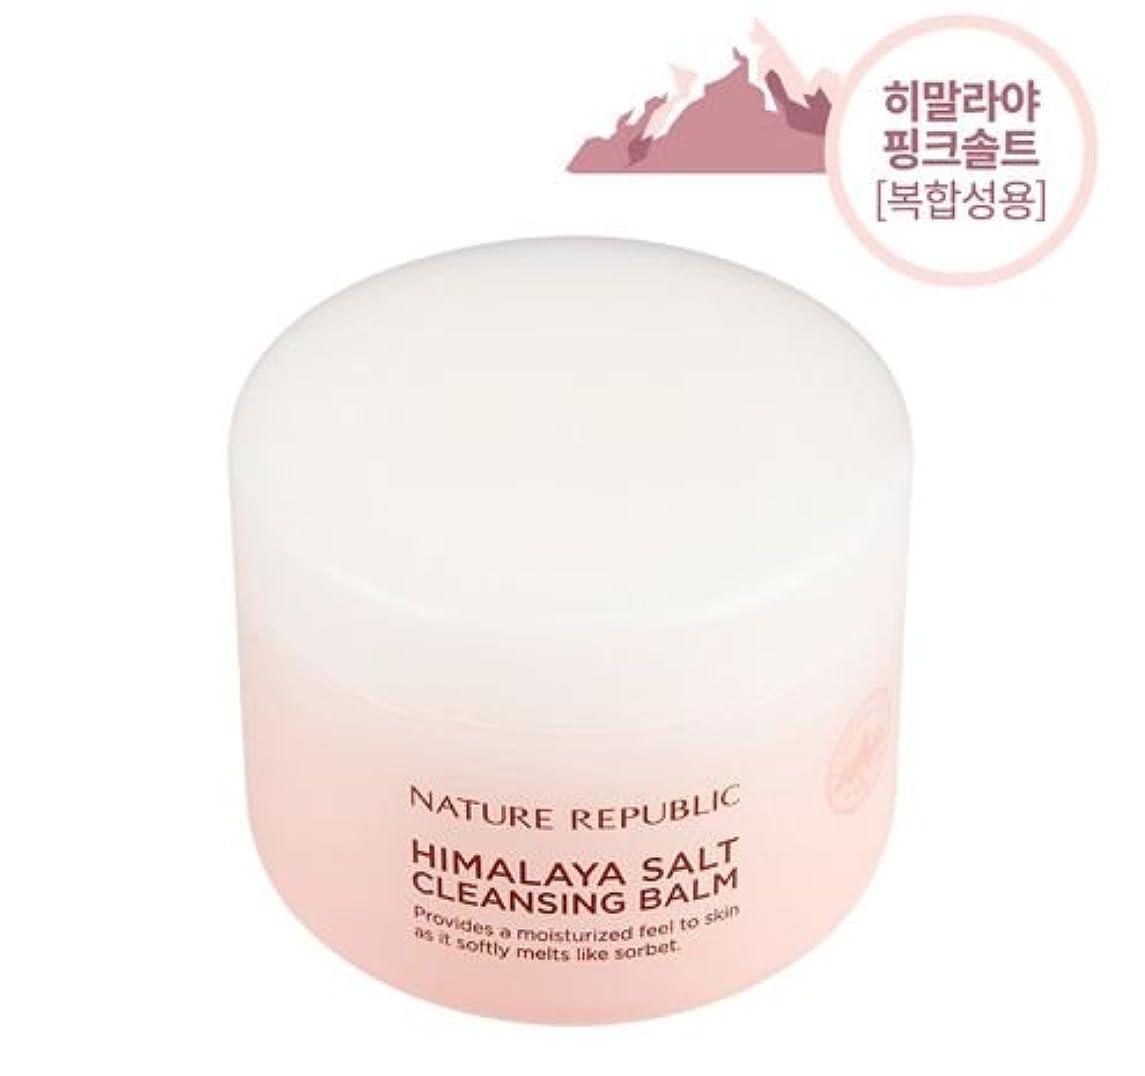 ハンサム従事した眠るHimalaya salt cleansing balm (PINK SALT)ヒマラヤソルトクレンジングバーム(pink salt) [並行輸入品]